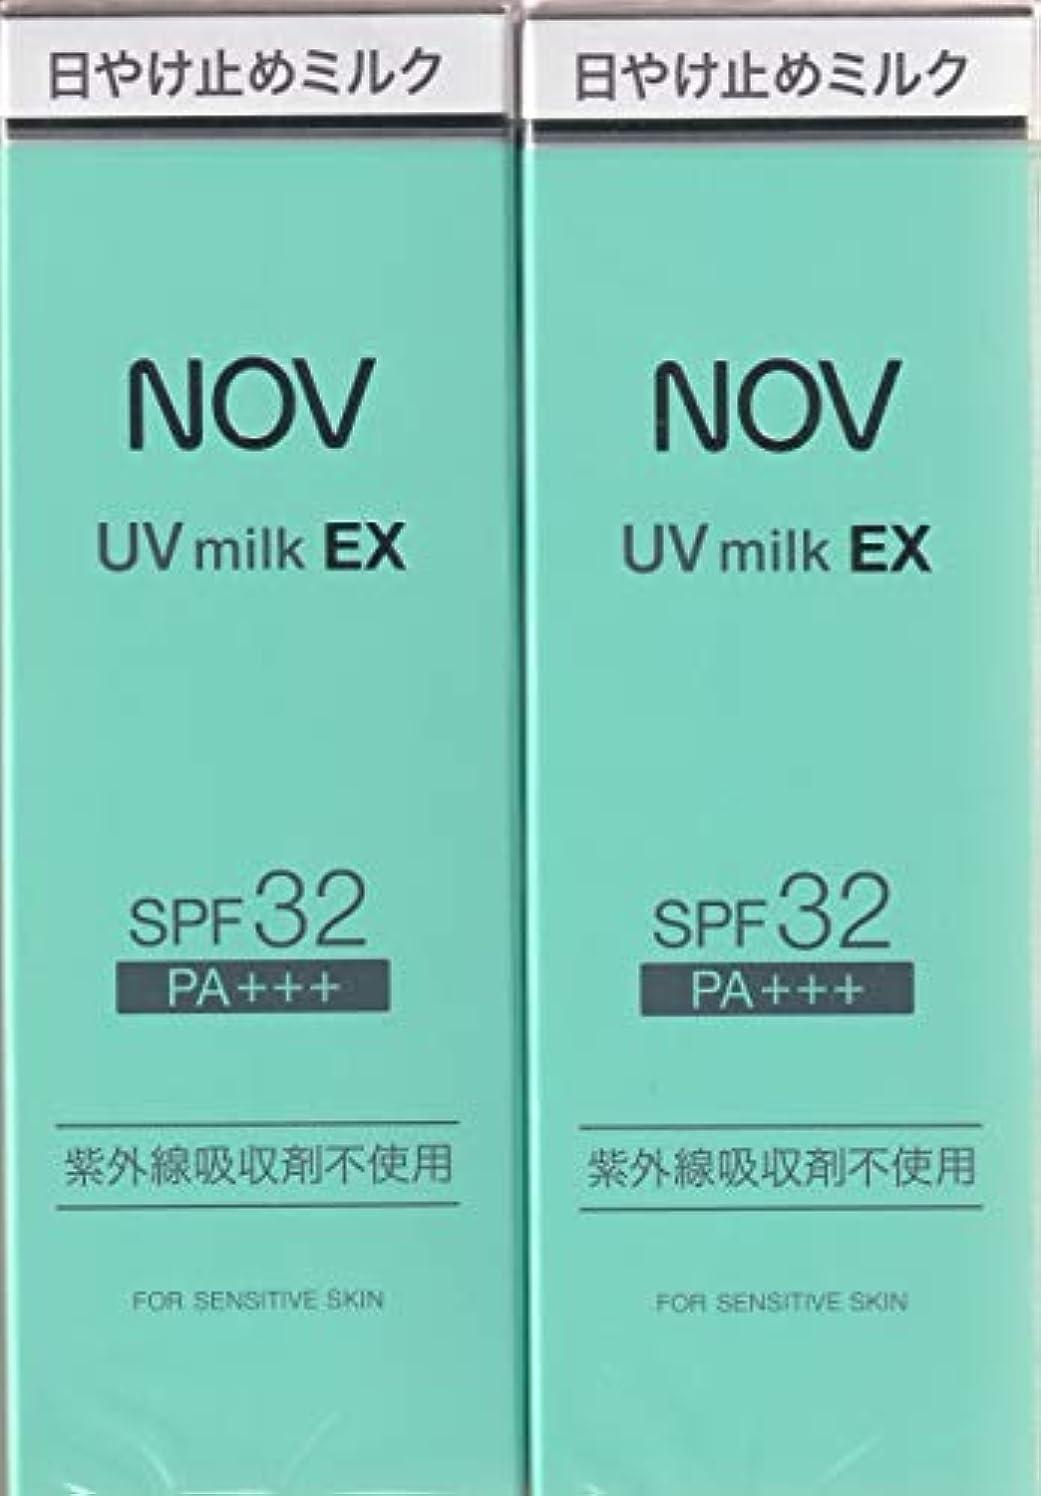 でもシーズンマリンノブ UVミルク EX 35g×2箱セット (日やけ止めミルク)